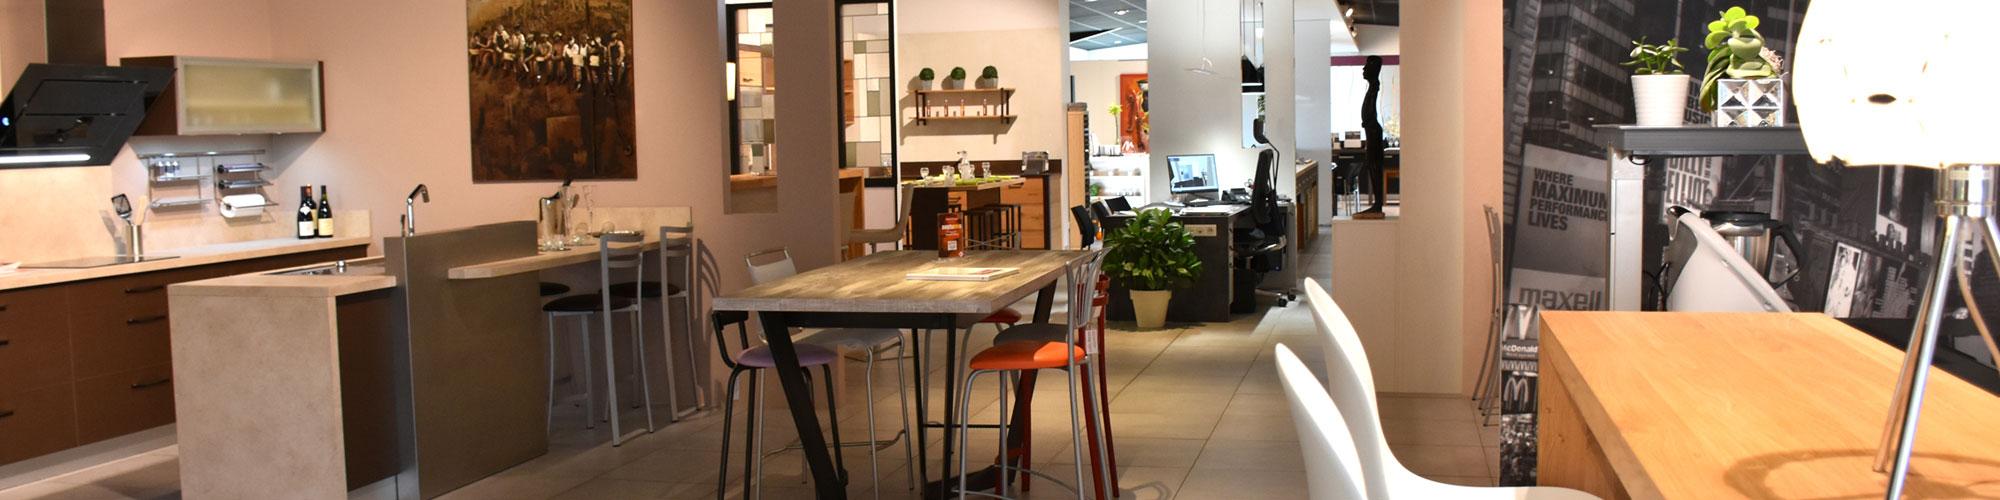 conception et fabrication de cuisines et mobilier